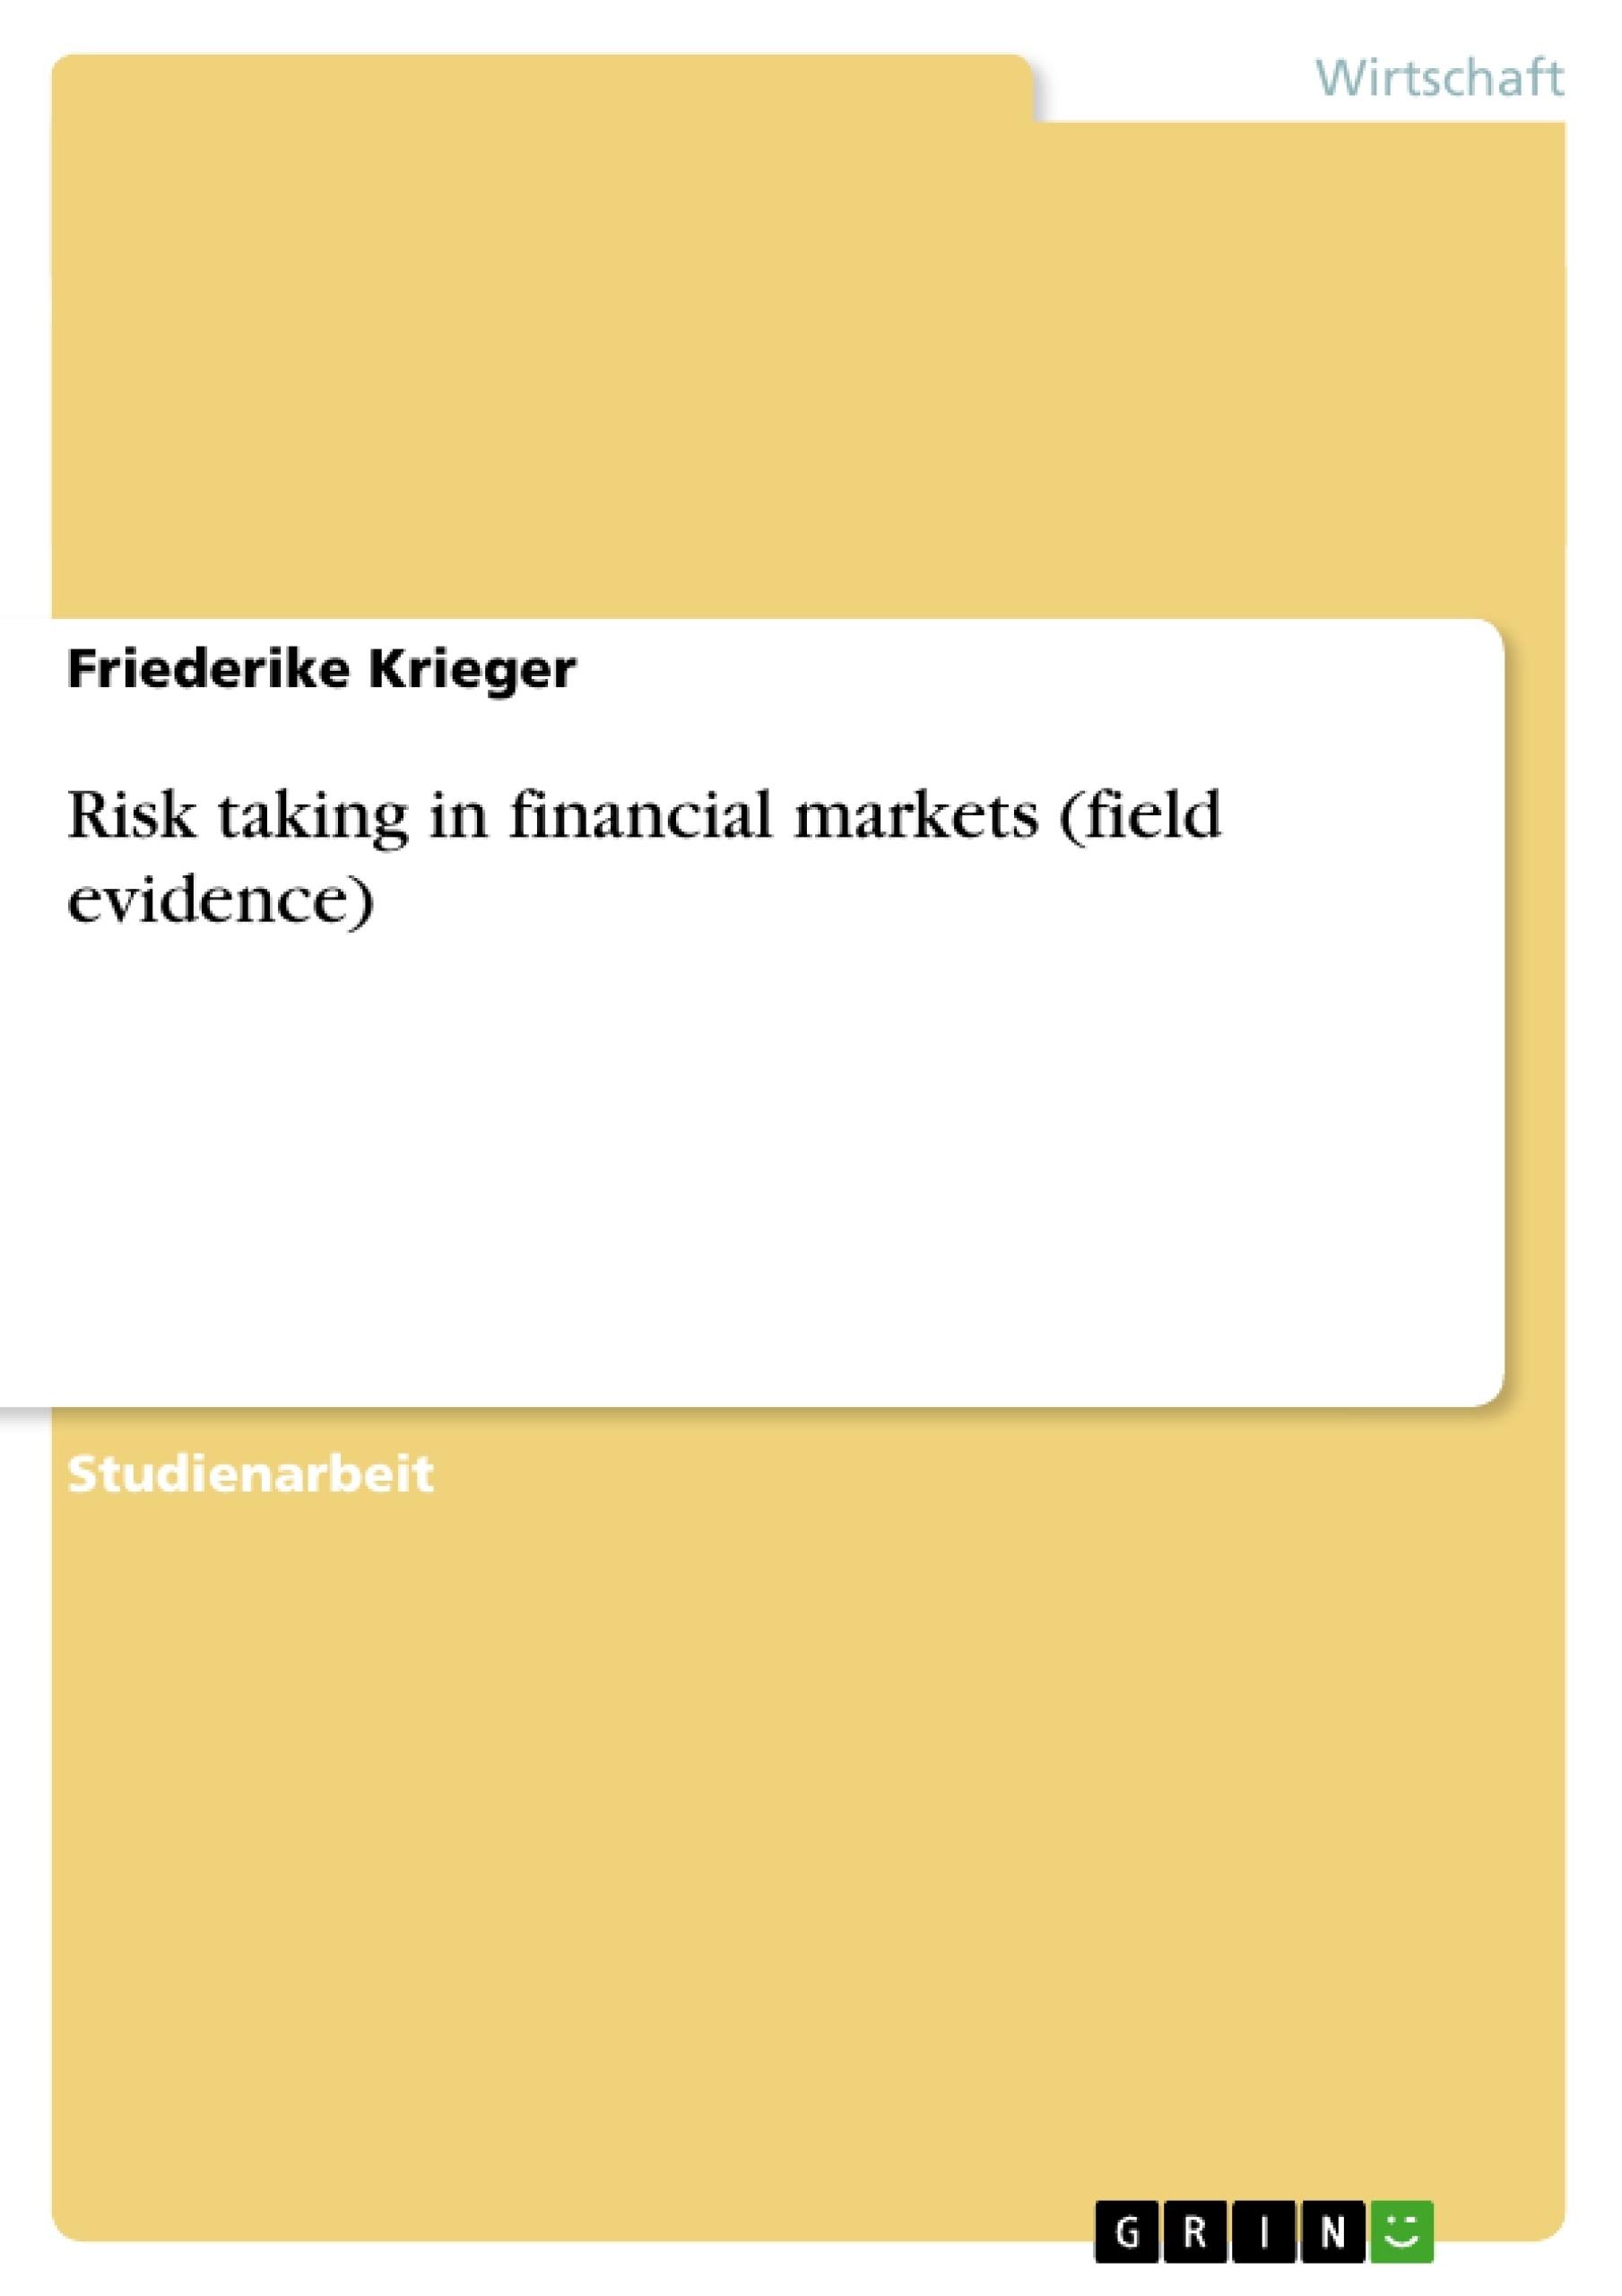 Titel: Risk taking in financial markets (field evidence)